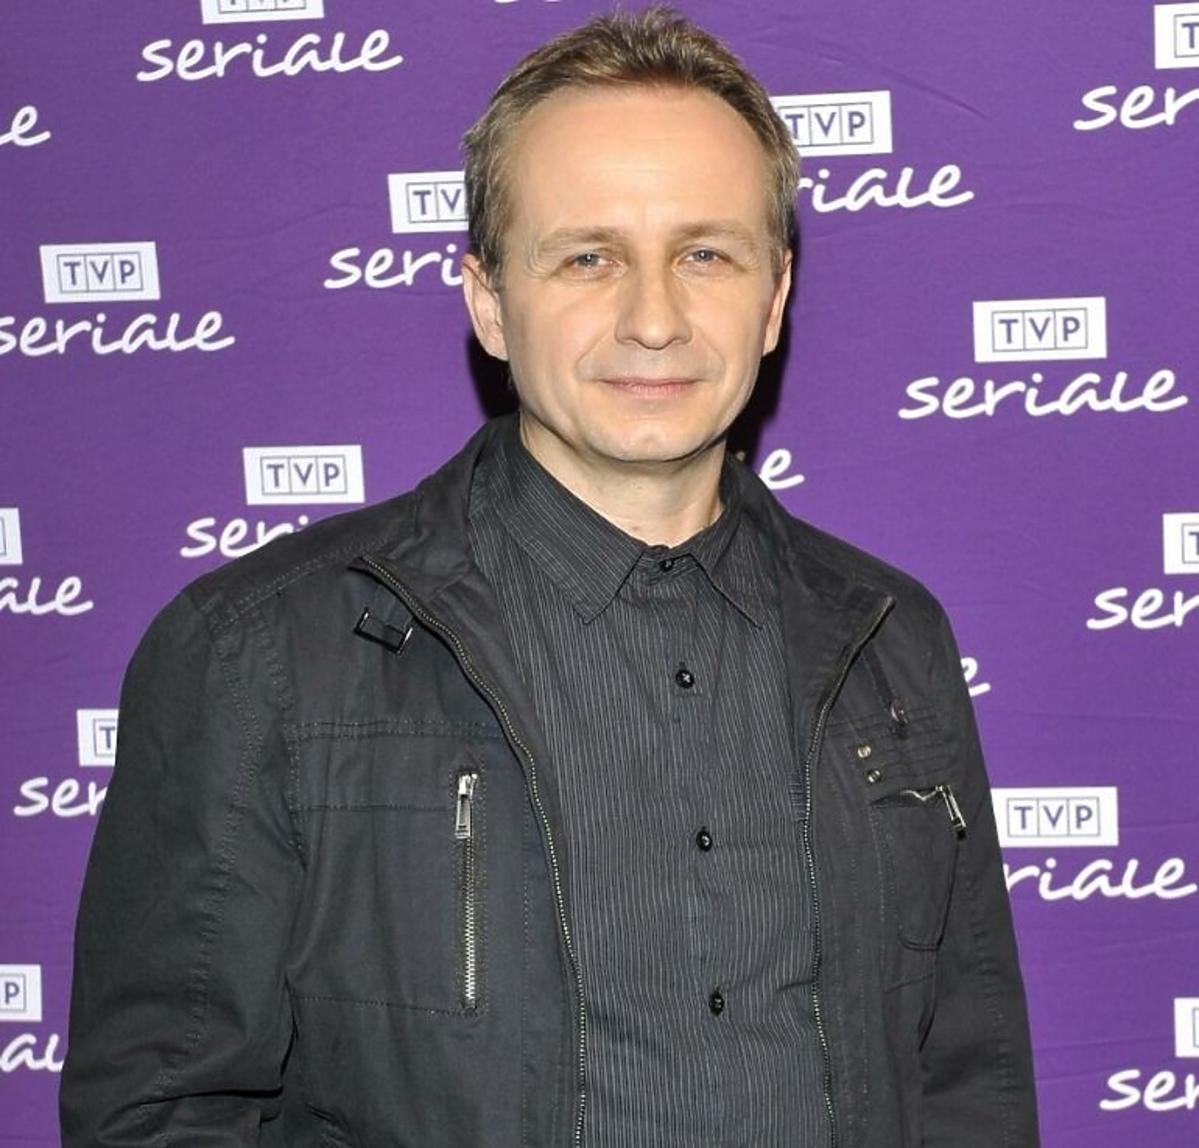 Tomasz Brzeziński w ciemnej koszuli